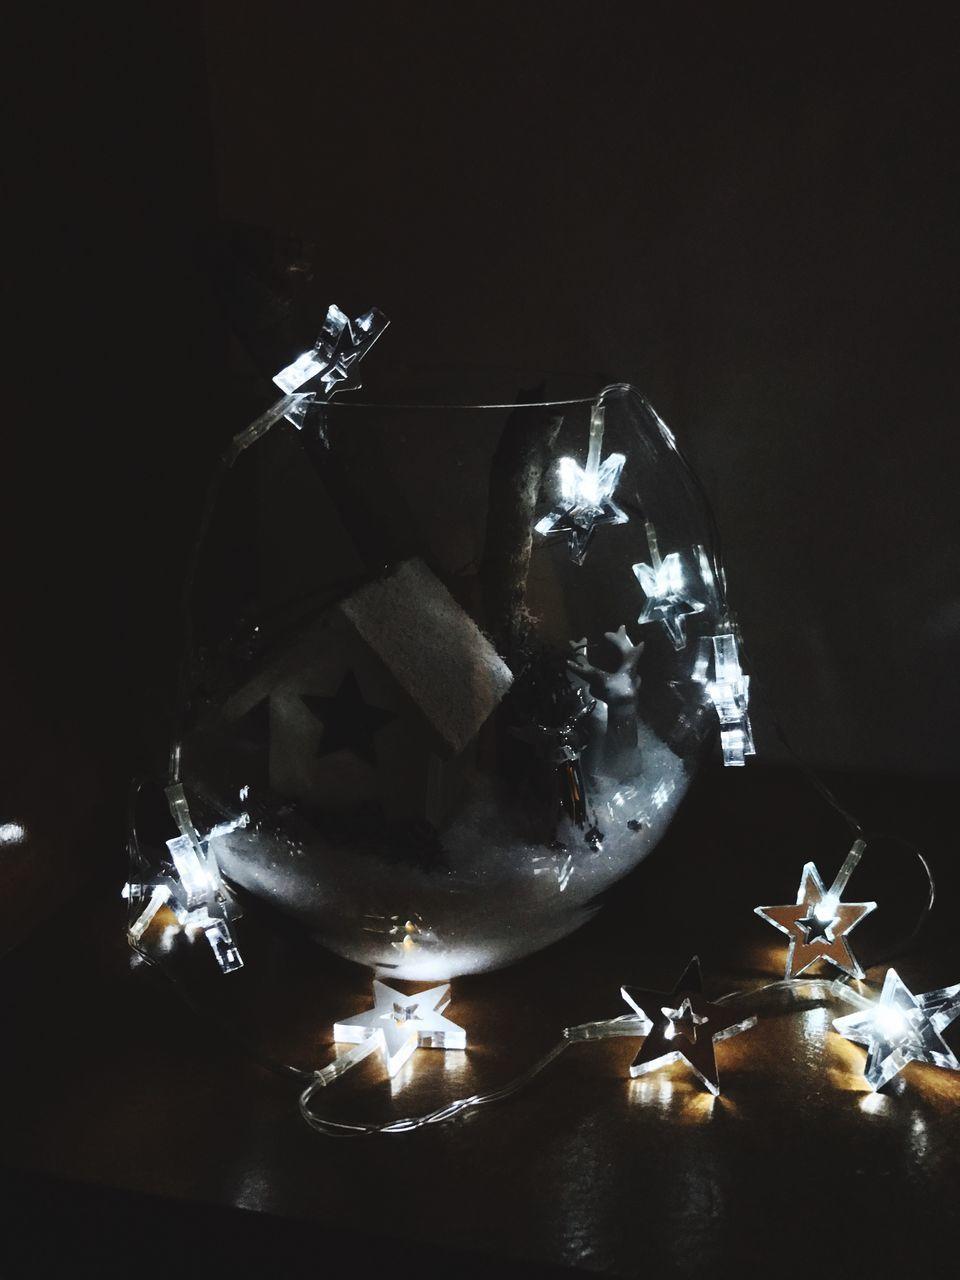 illuminated, no people, indoors, christmas, night, celebration, close-up, christmas decoration, studio shot, black background